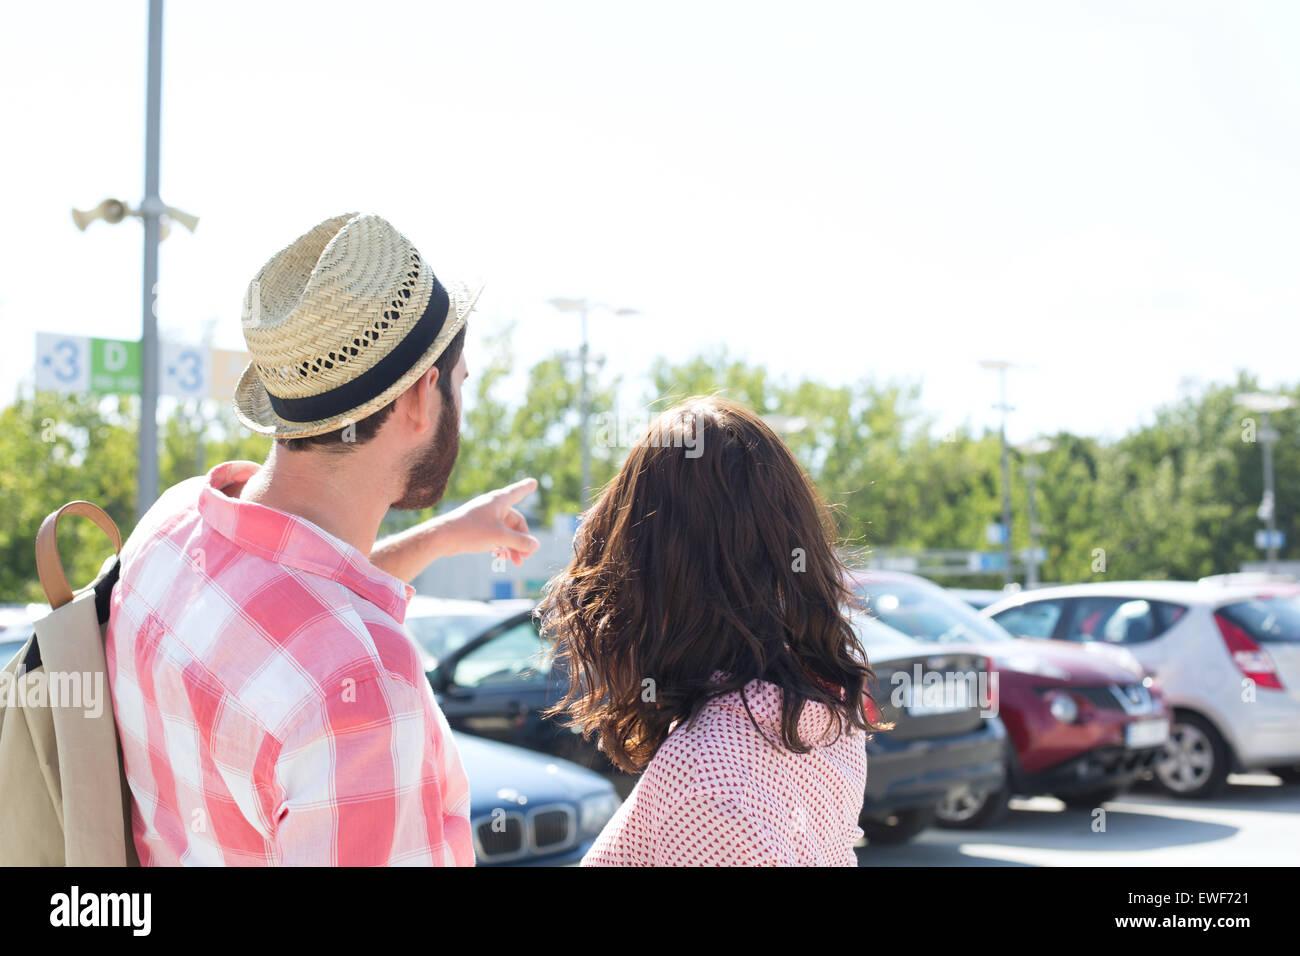 Mann etwas zu Frau auf Stadt Straße gegen klaren Himmel zeigen Stockbild